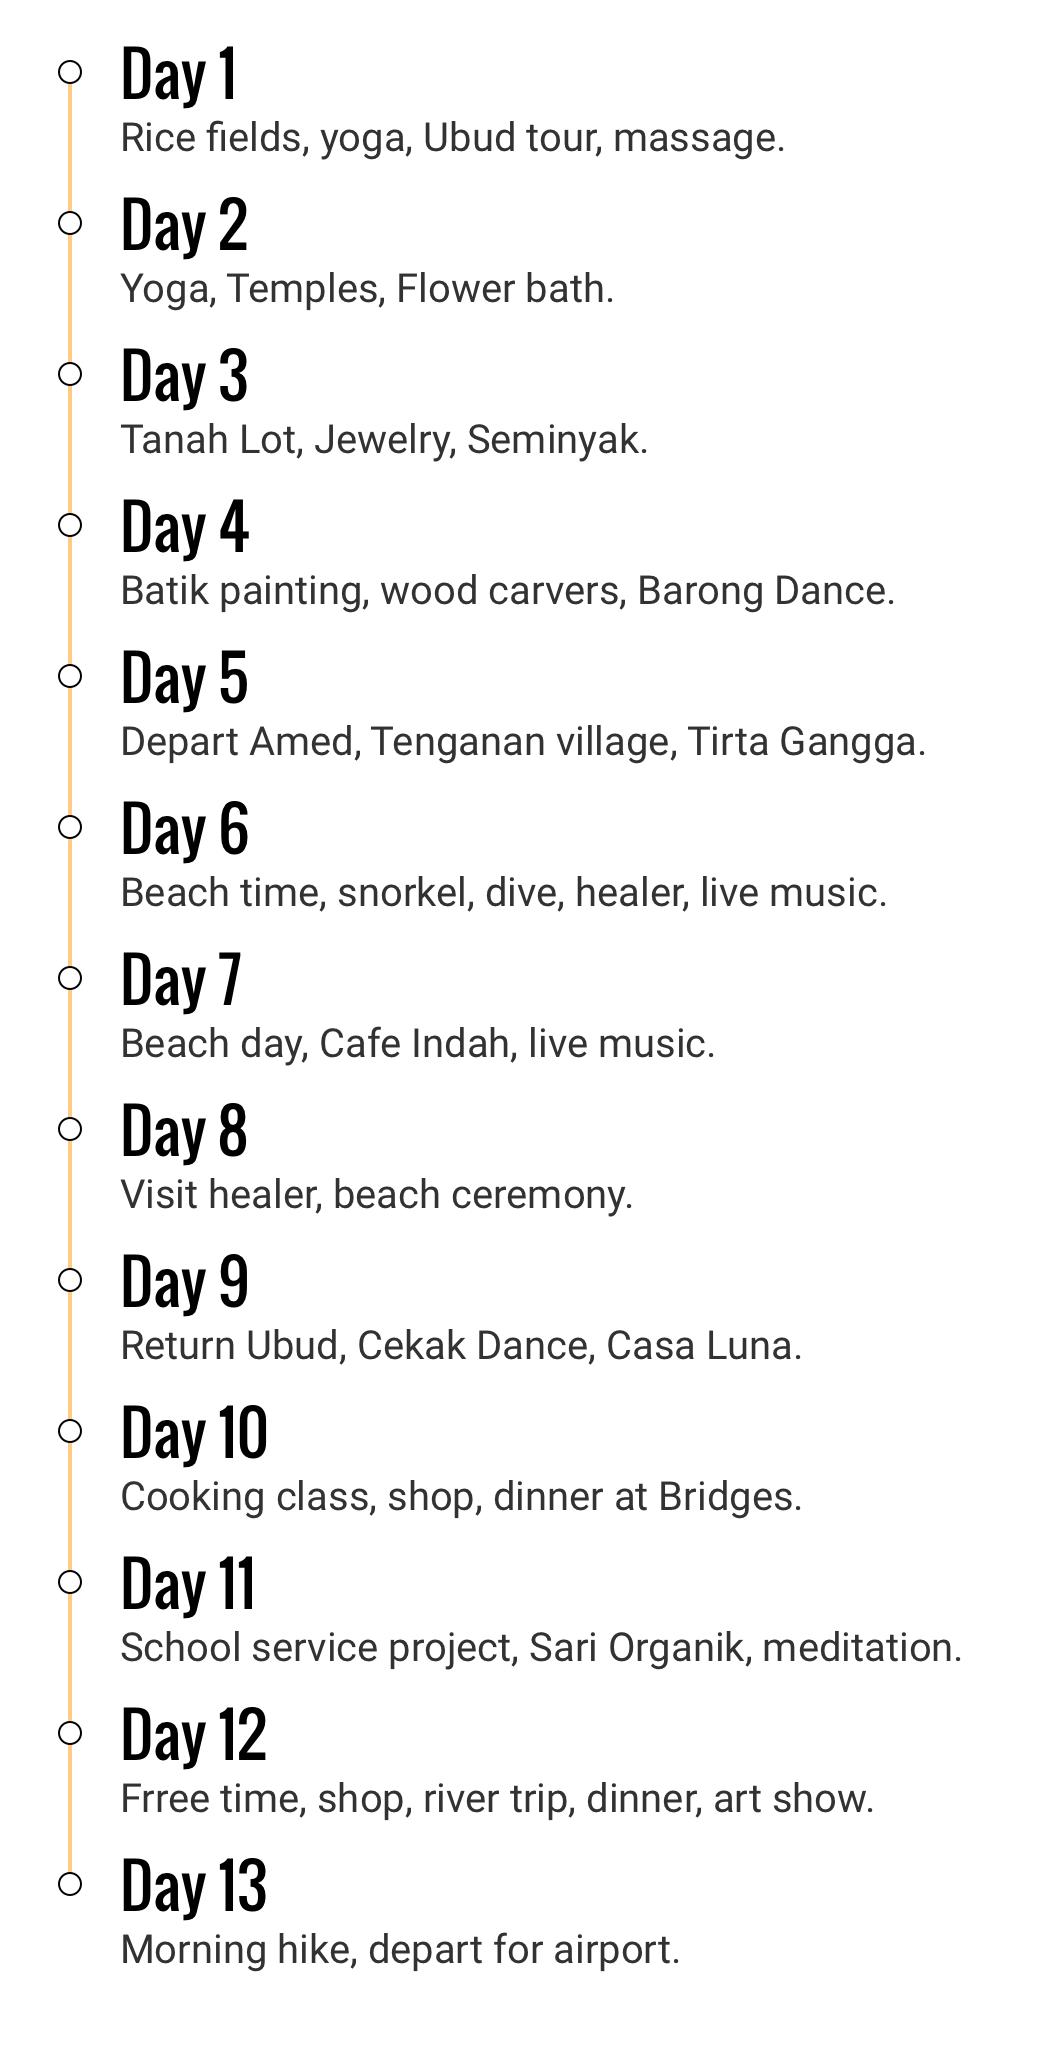 bali-itinerary